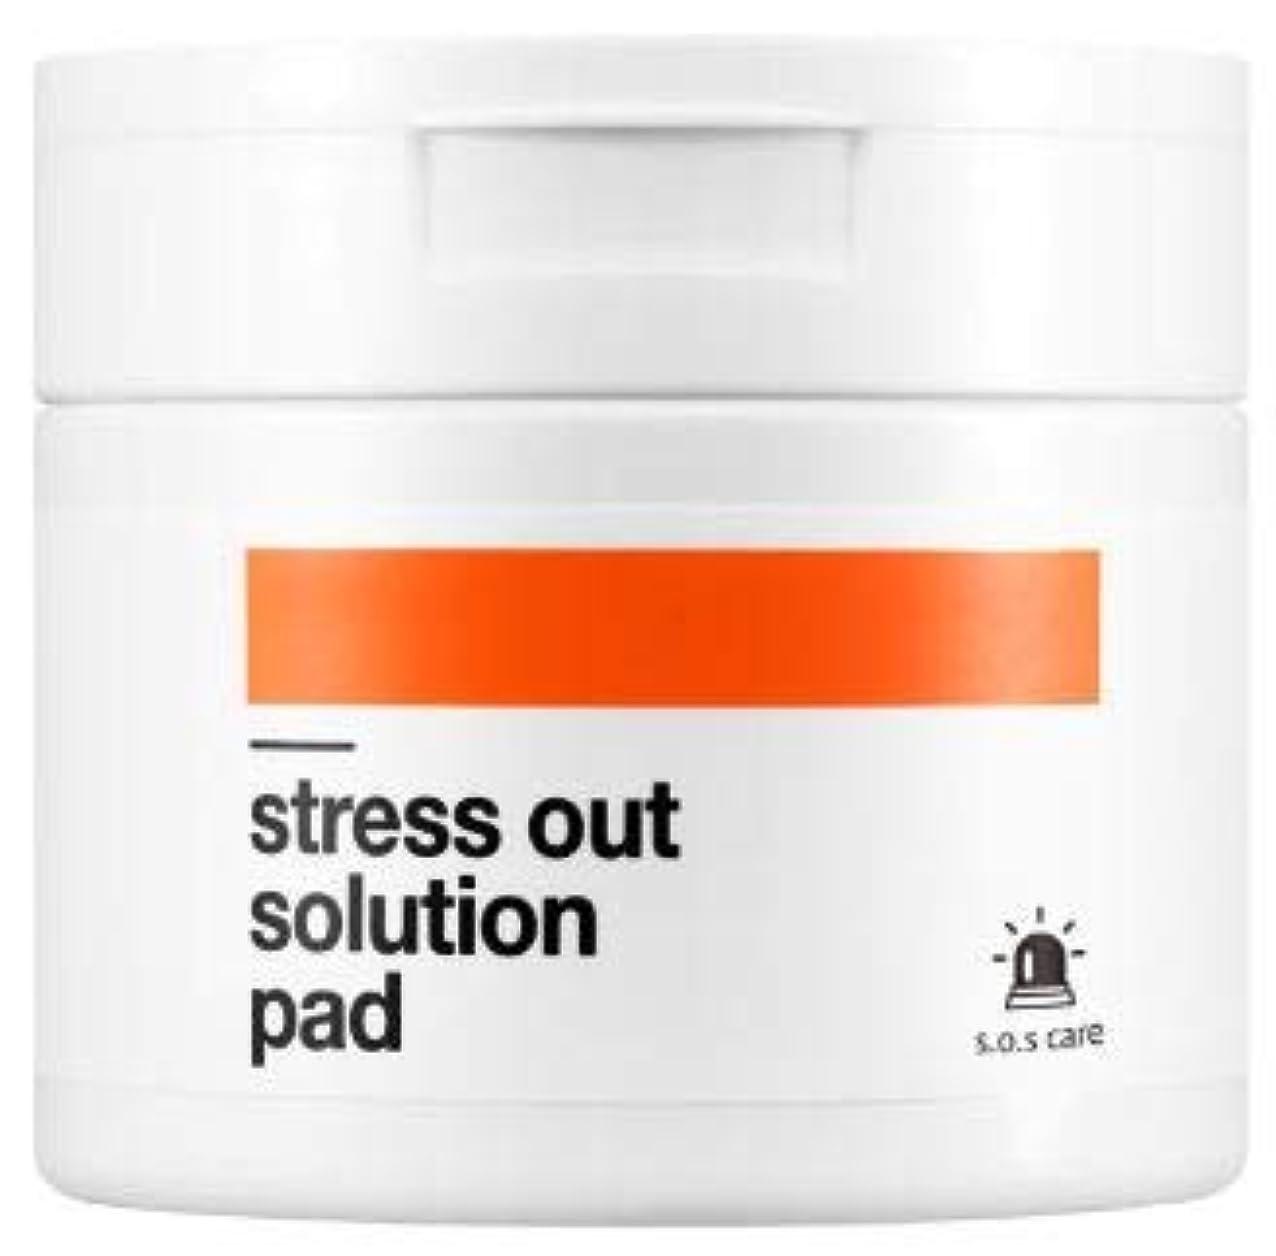 ジョットディボンドンタブレット反逆[BELLAMONSTER]? Stress out solution pad #carrot / [ベラモンスター] ストレスアウト ソリューションパッド#ニンジンパッド [並行輸入品]